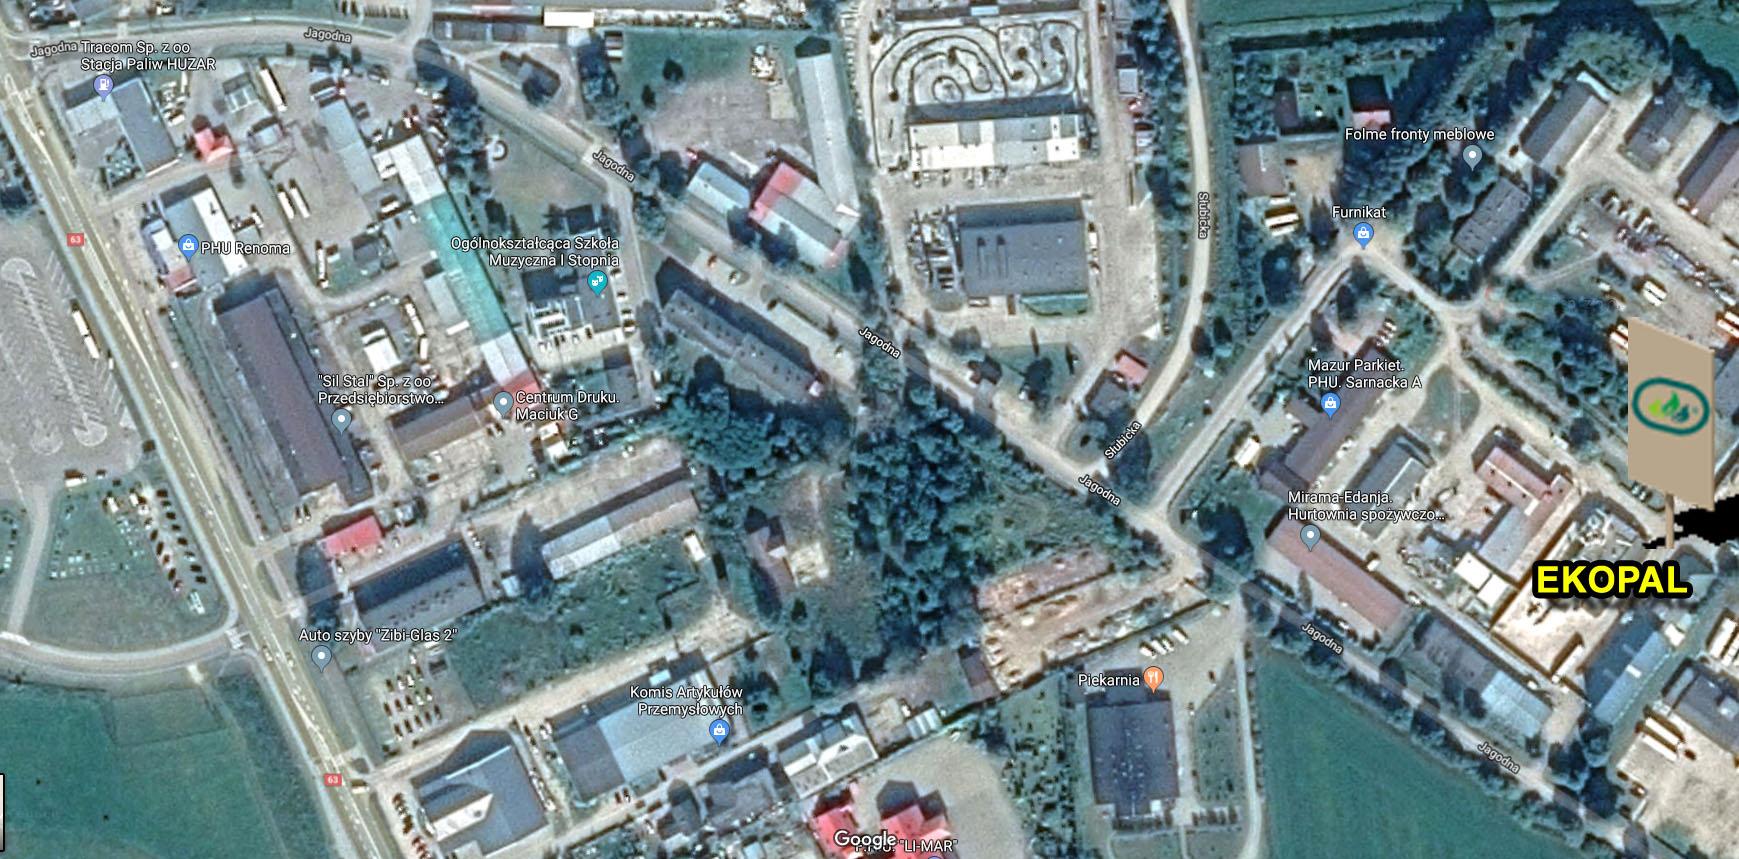 mapa_ekopal